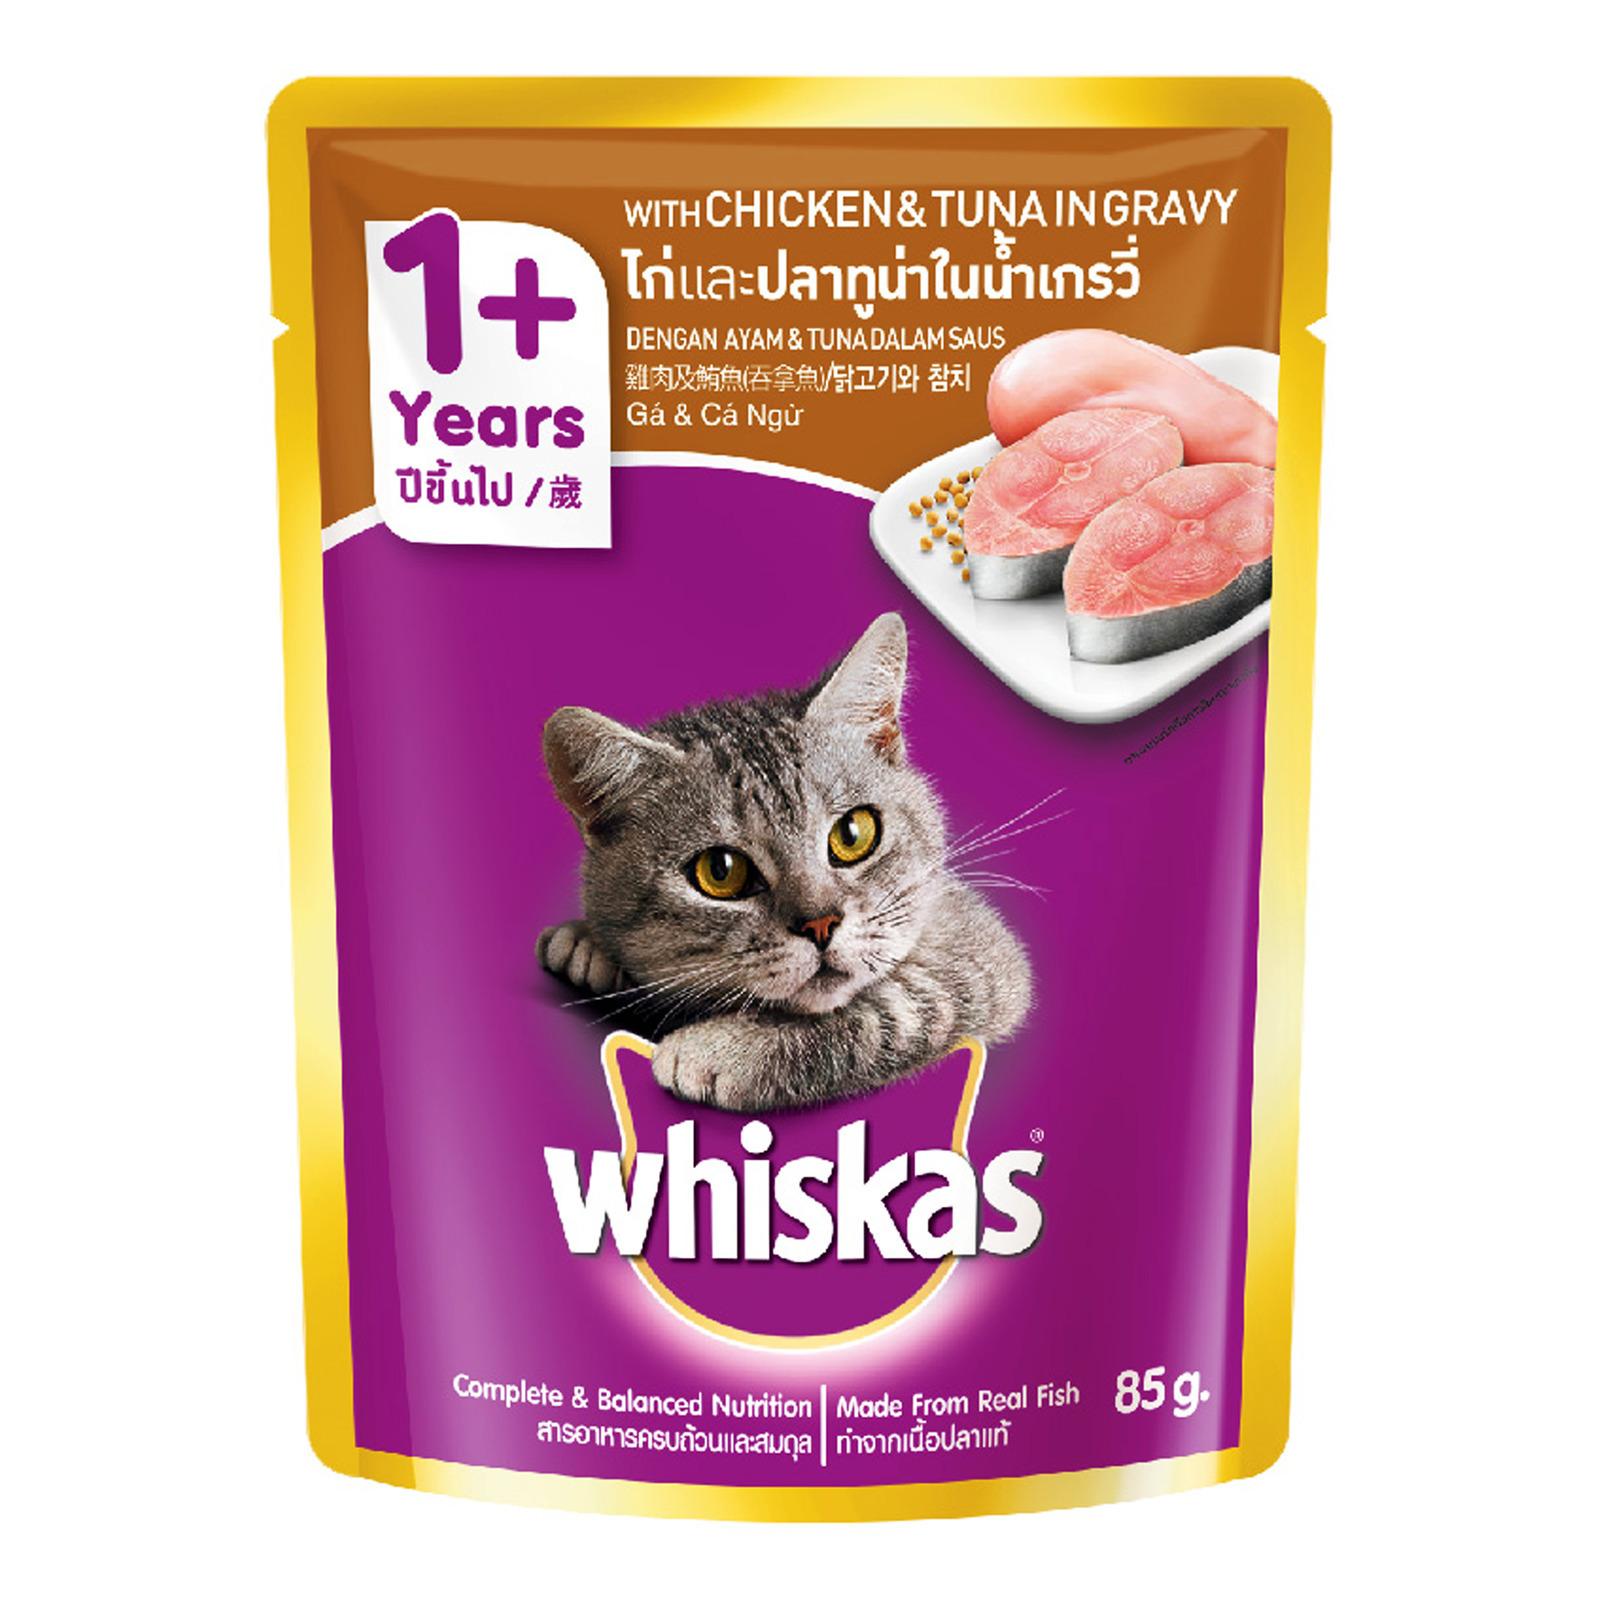 Whiskas Pouch Cat Food - Chicken & Tuna